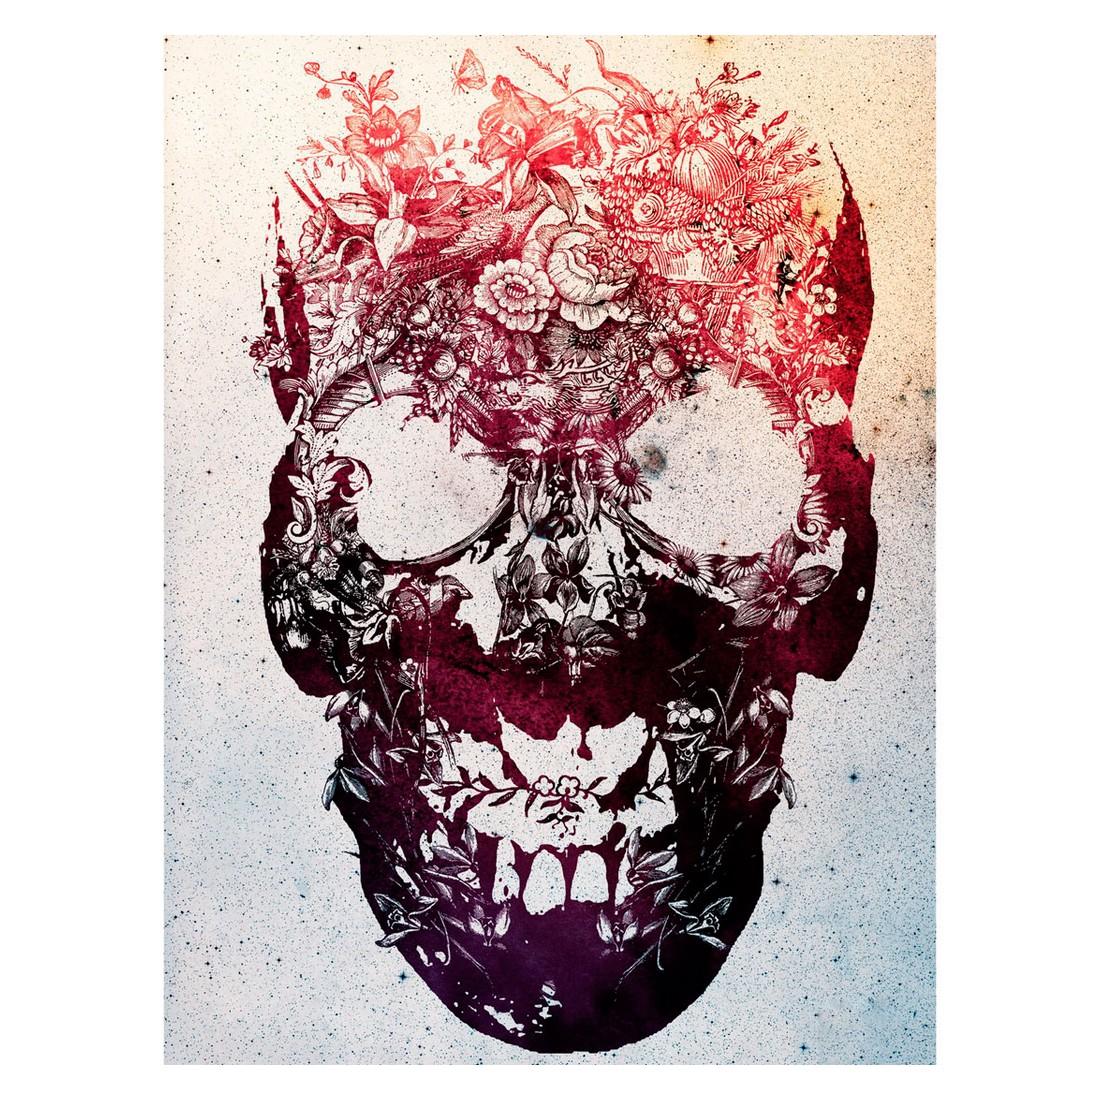 Ölgemälde Floral Skull von Ali Gulec – Größe 60 x 40 cm, yourPainting jetzt bestellen